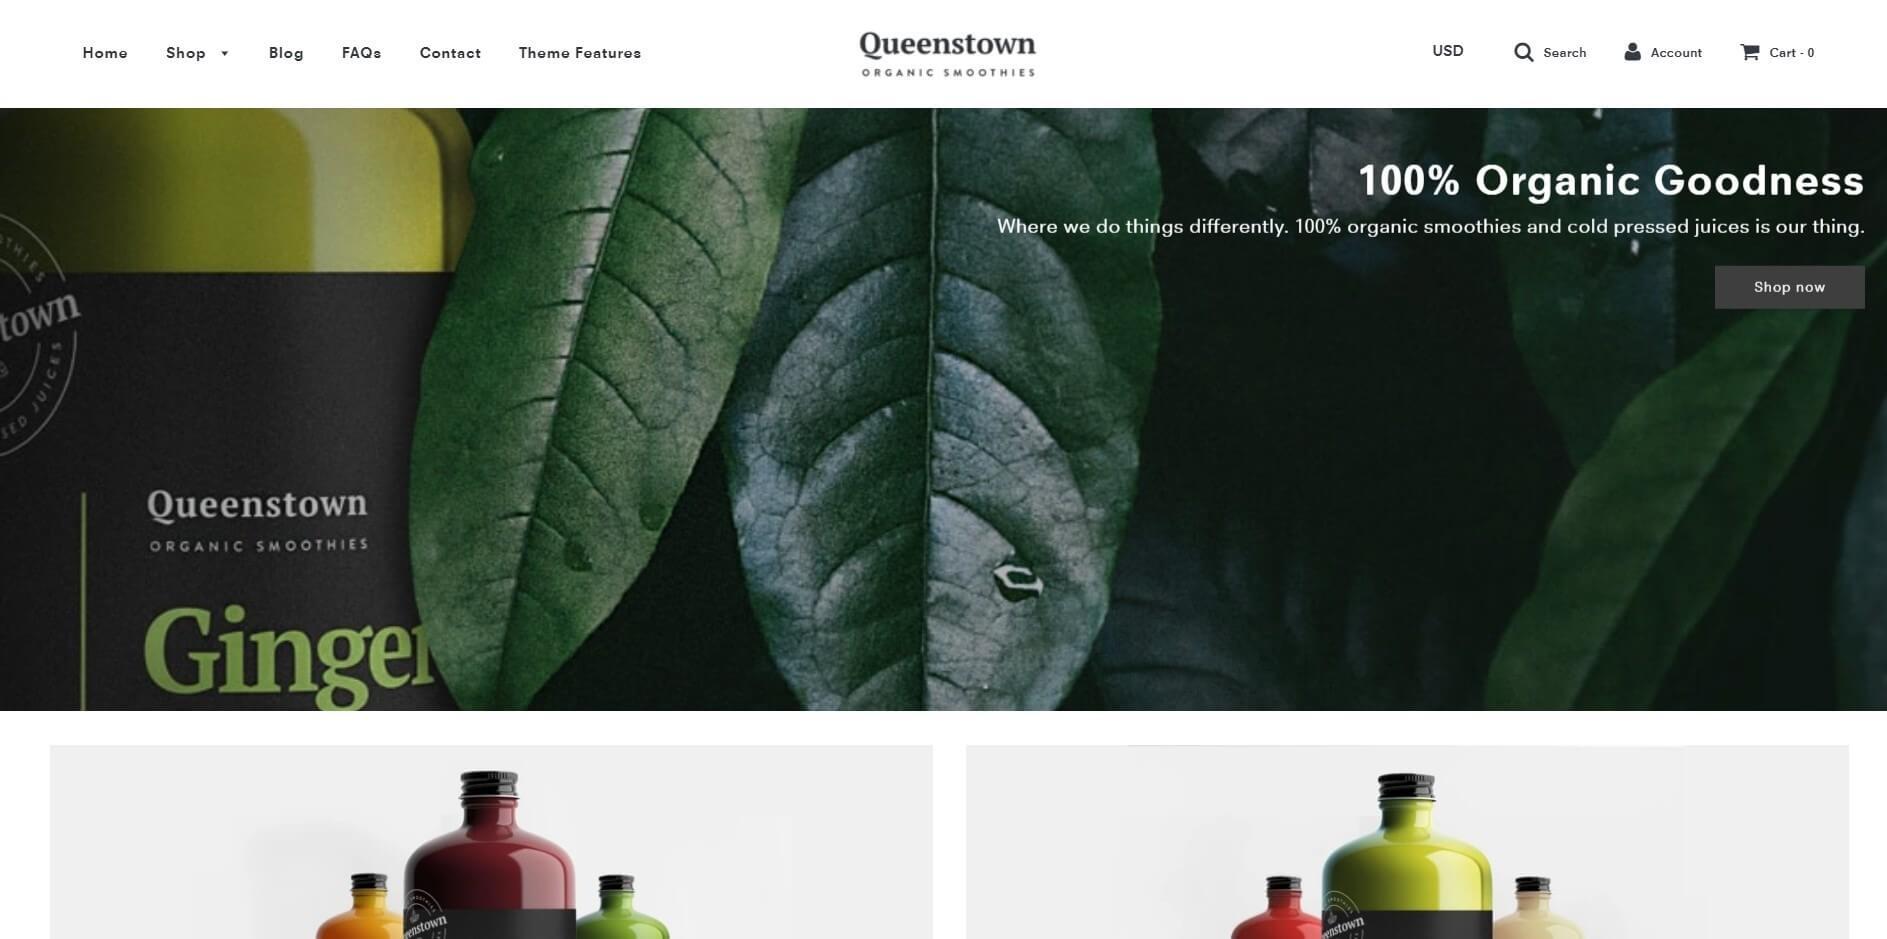 Flow Shopify theme image